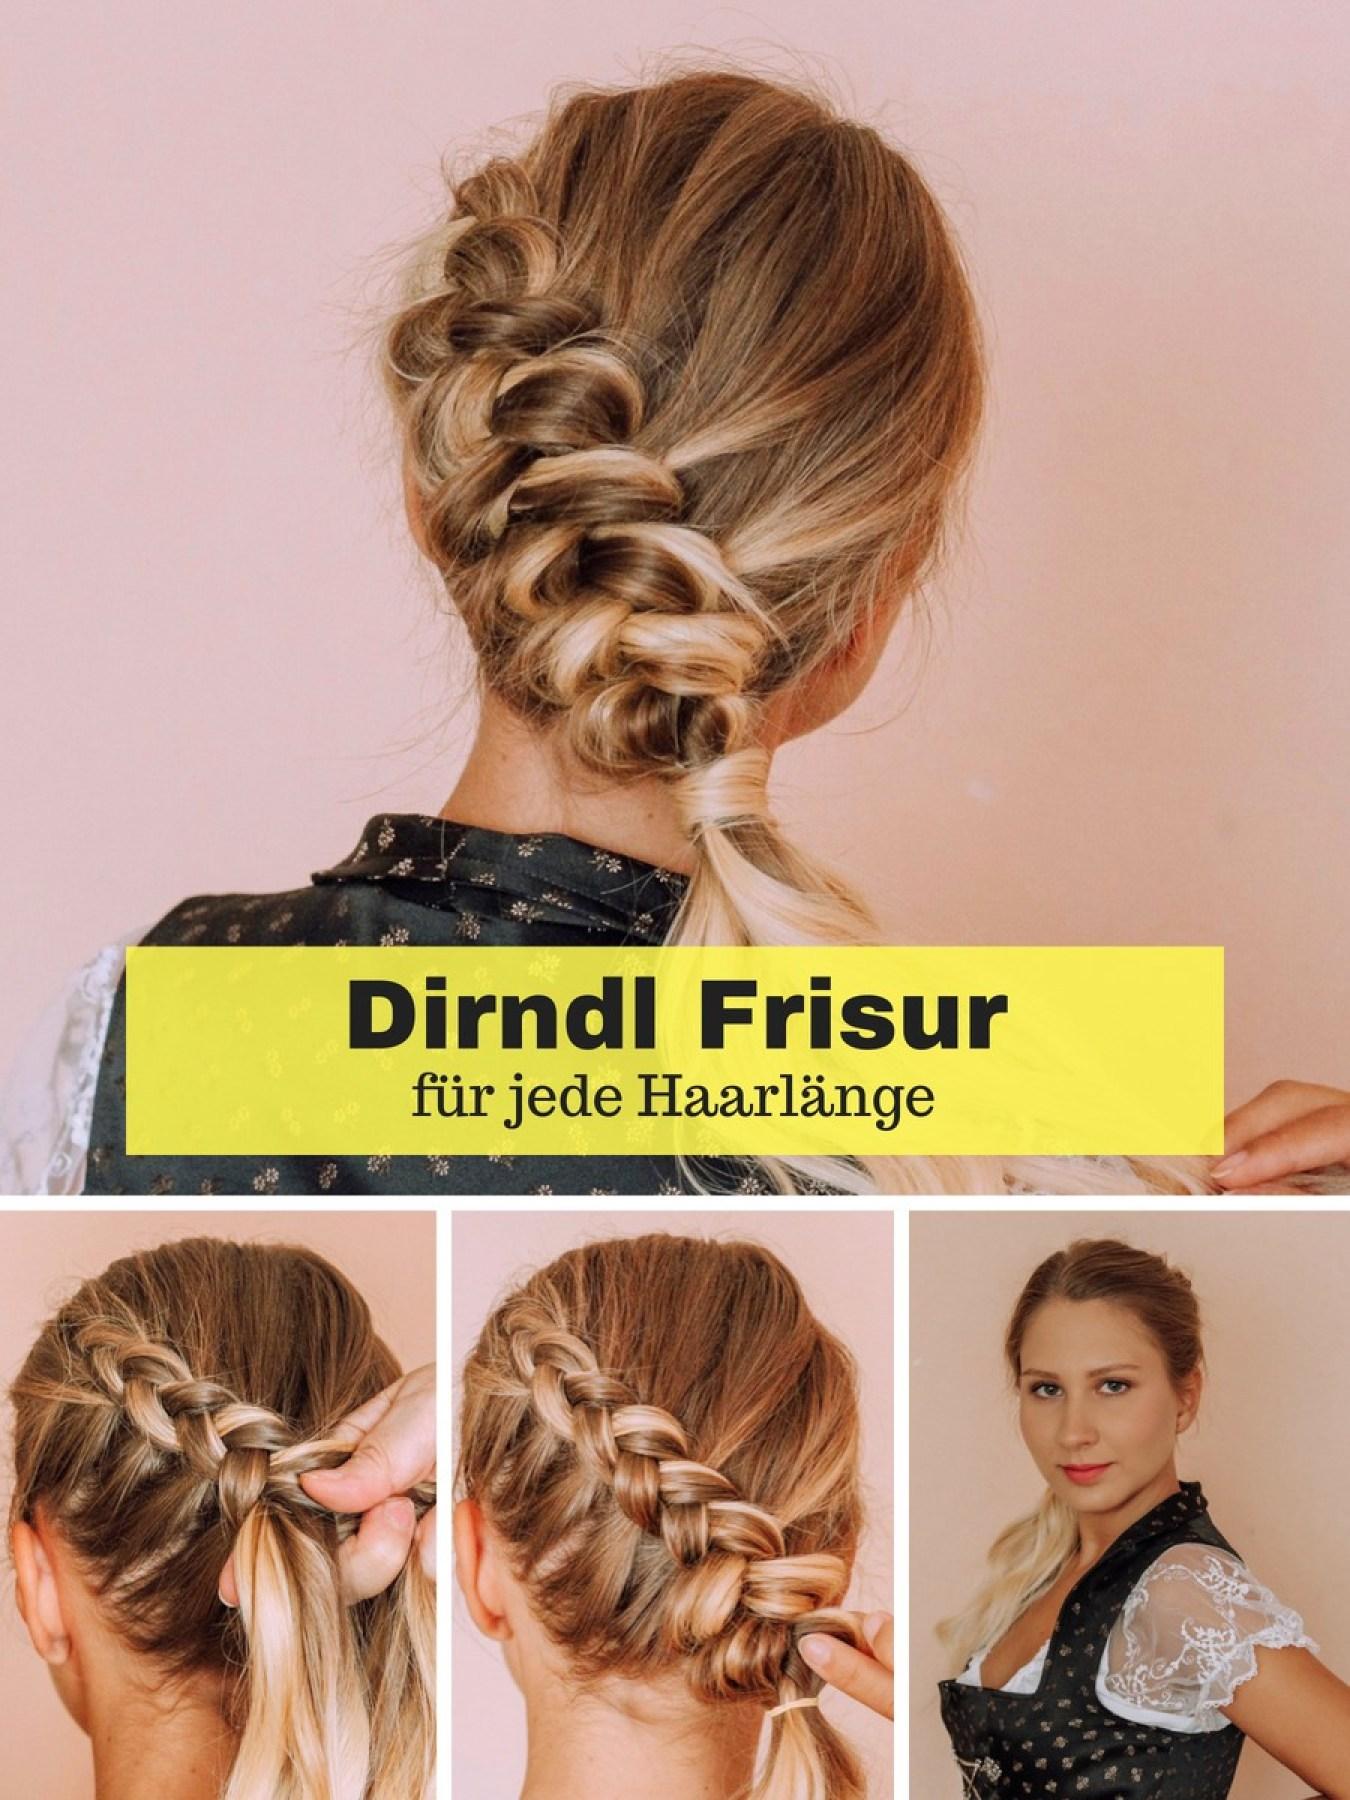 Dirndl-Frisur